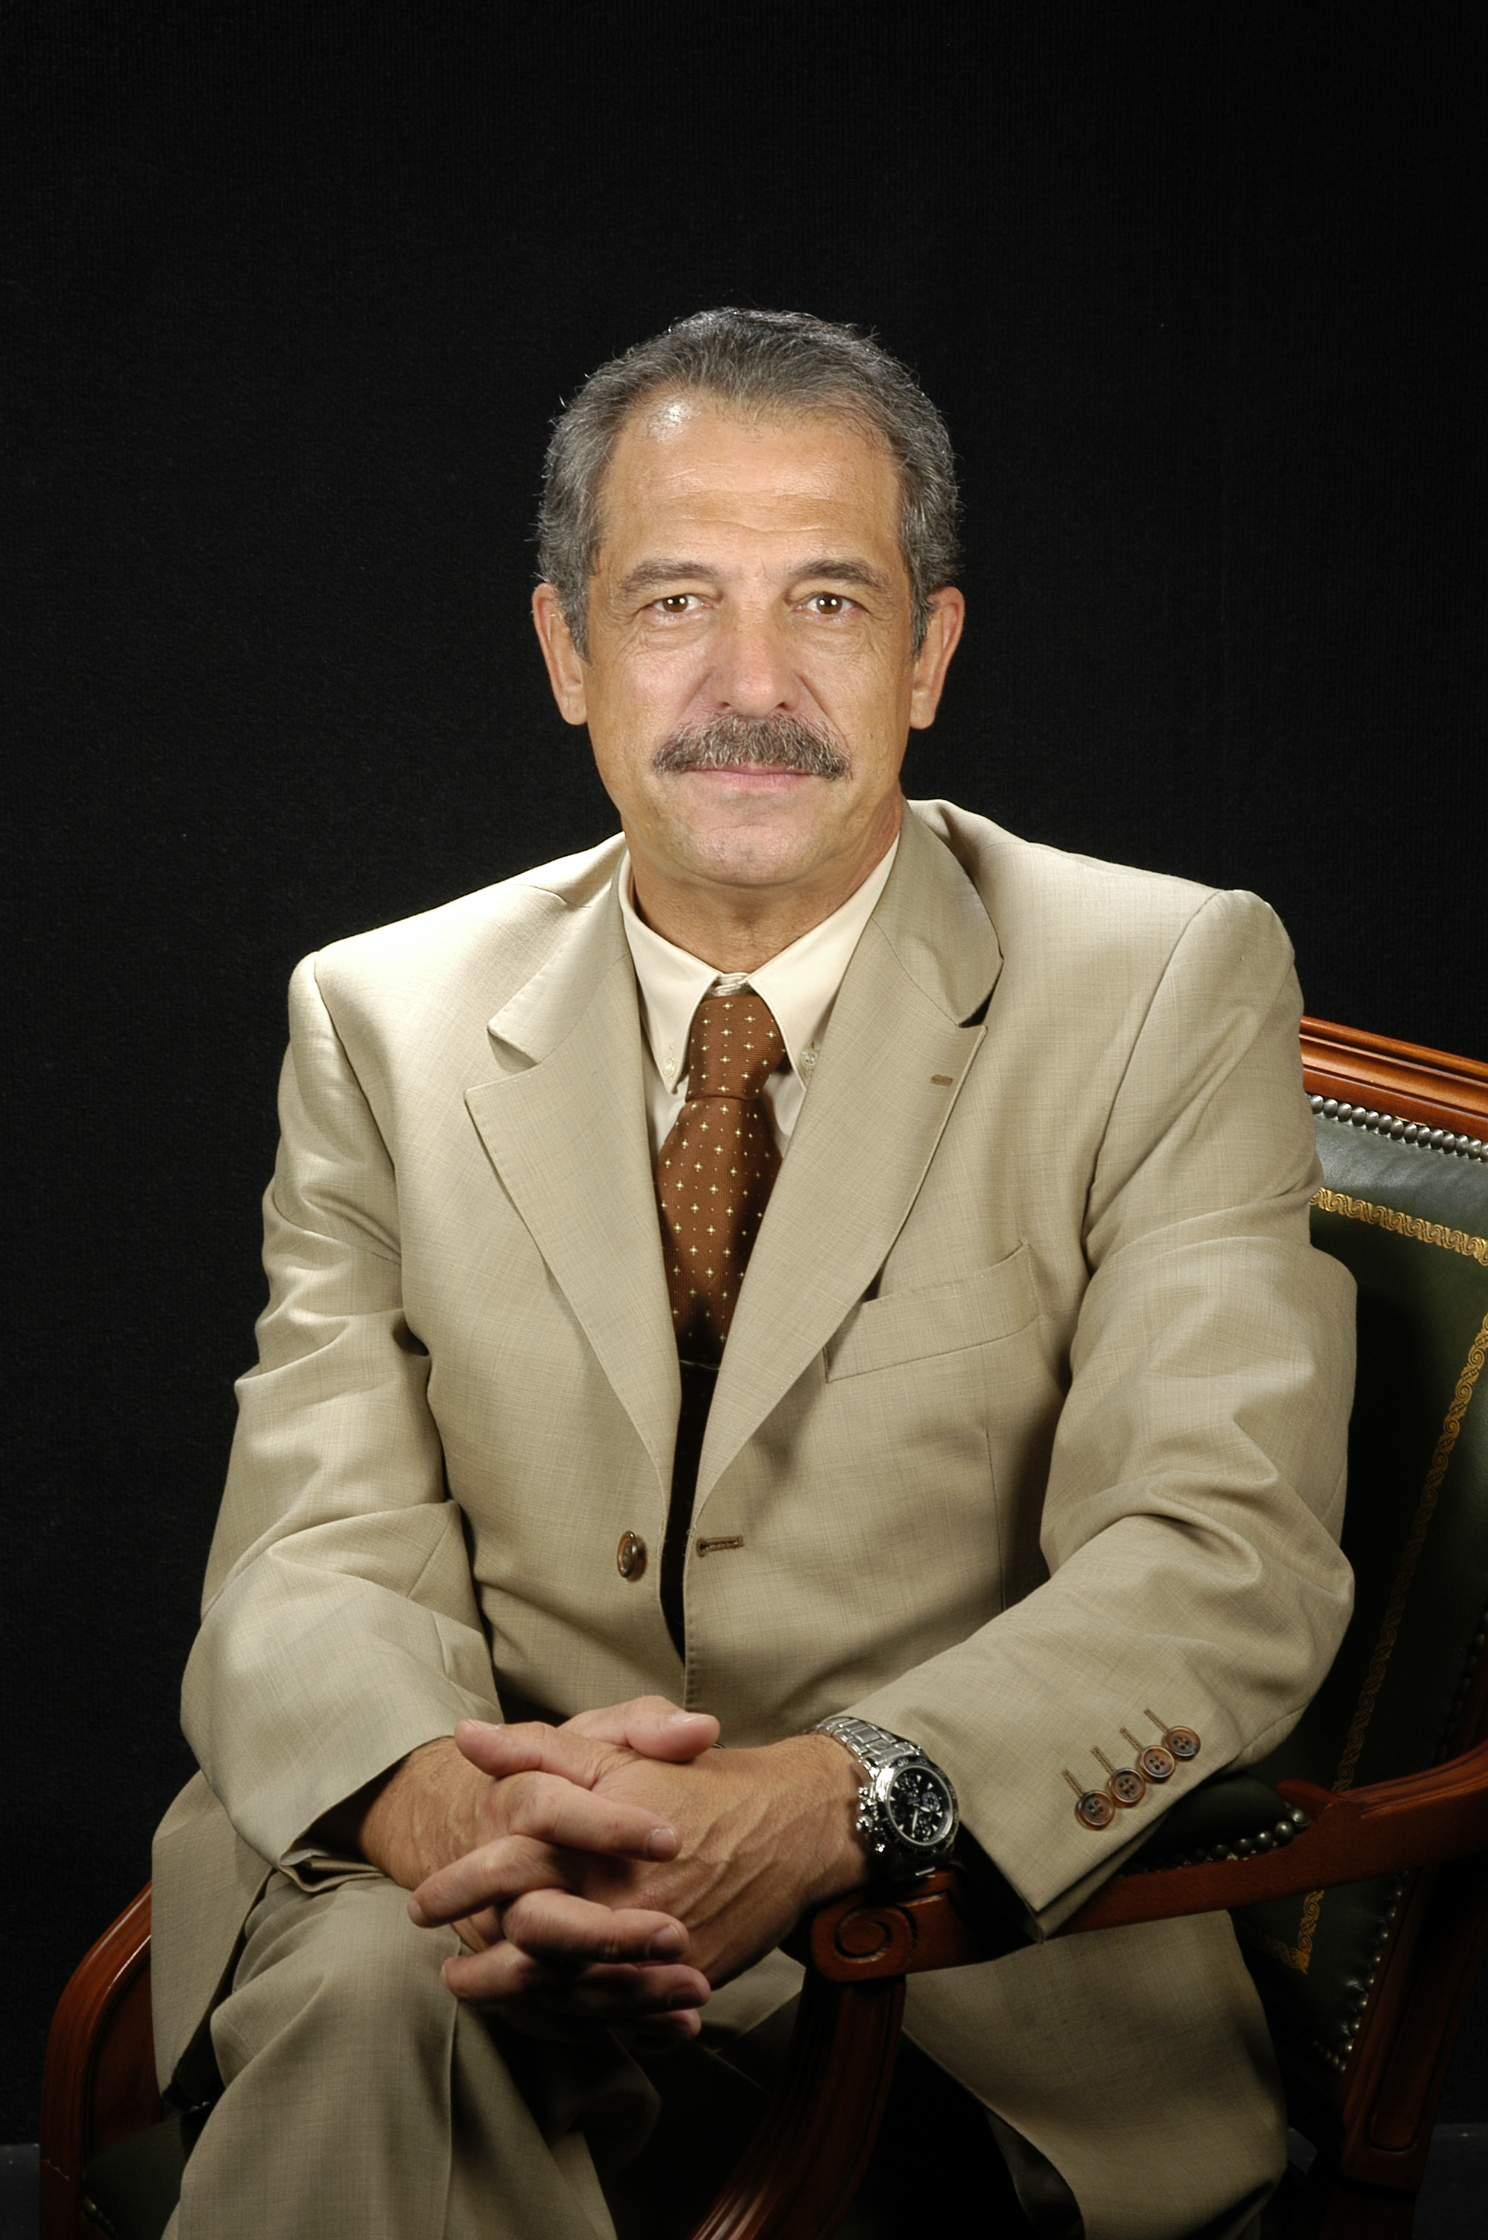 Sr. José Luis Faura